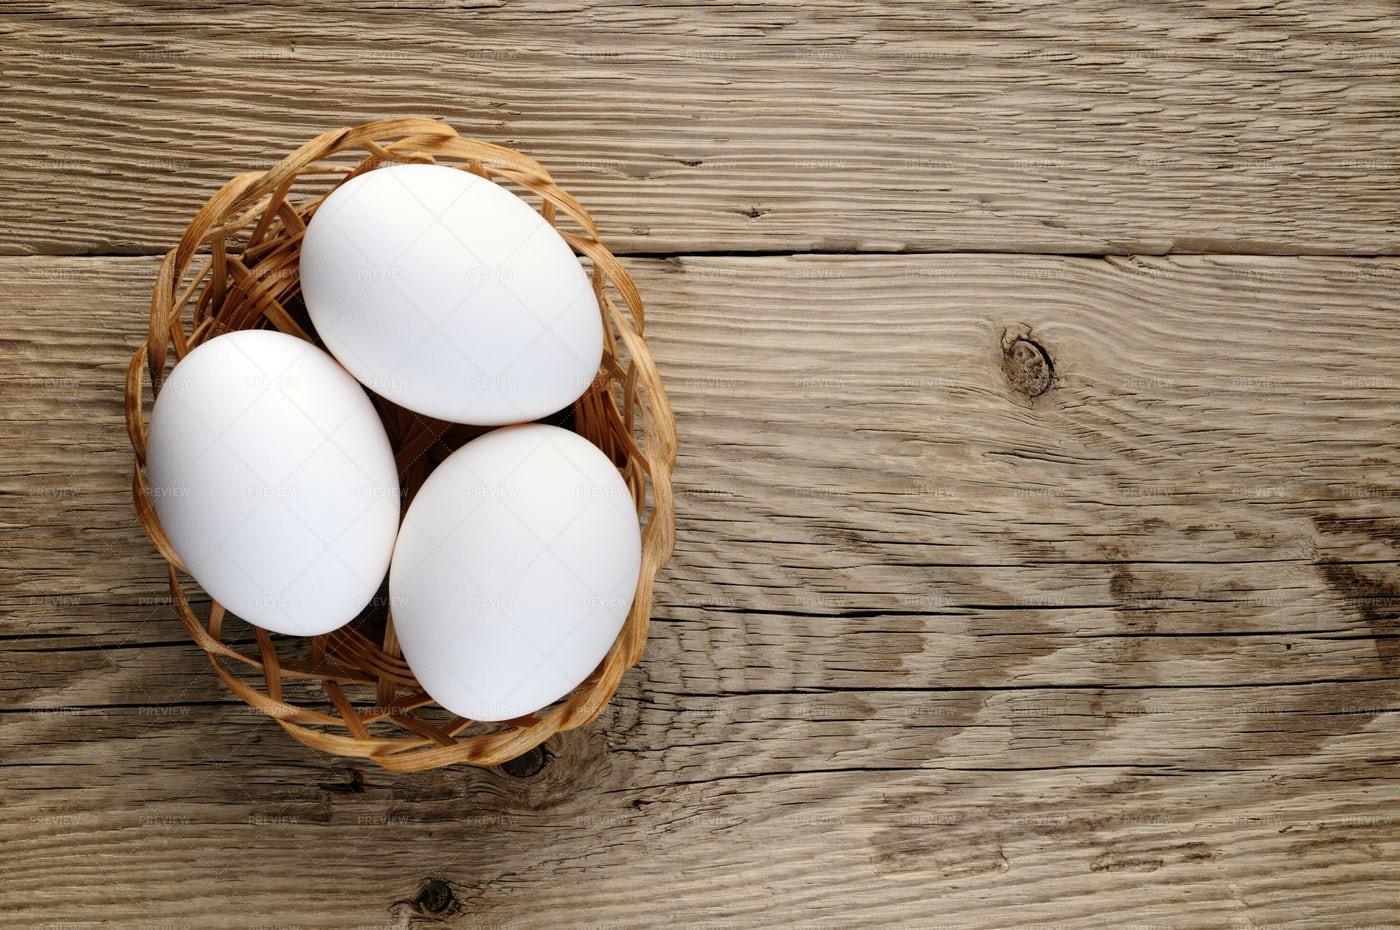 White Eggs In Basket: Stock Photos